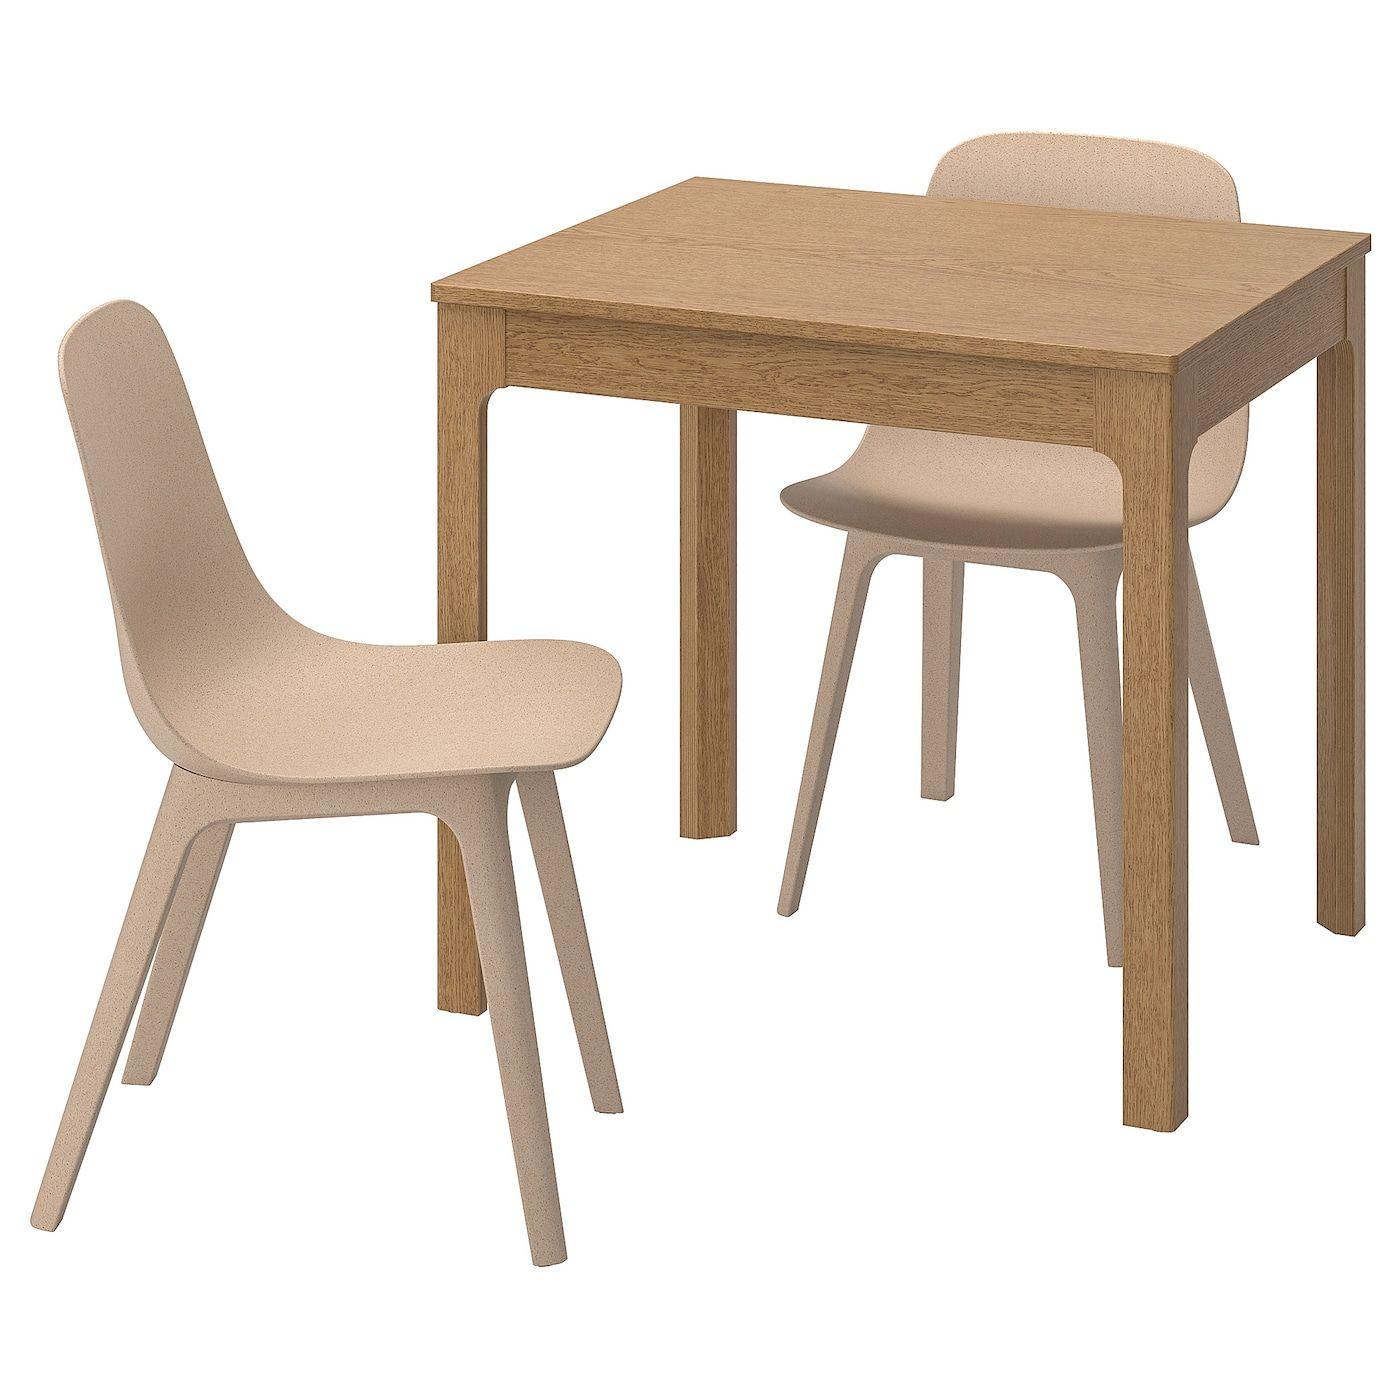 Ekedalen Odger Tisch Und 2 Stuhle Eiche Weiss Beige Stuhl